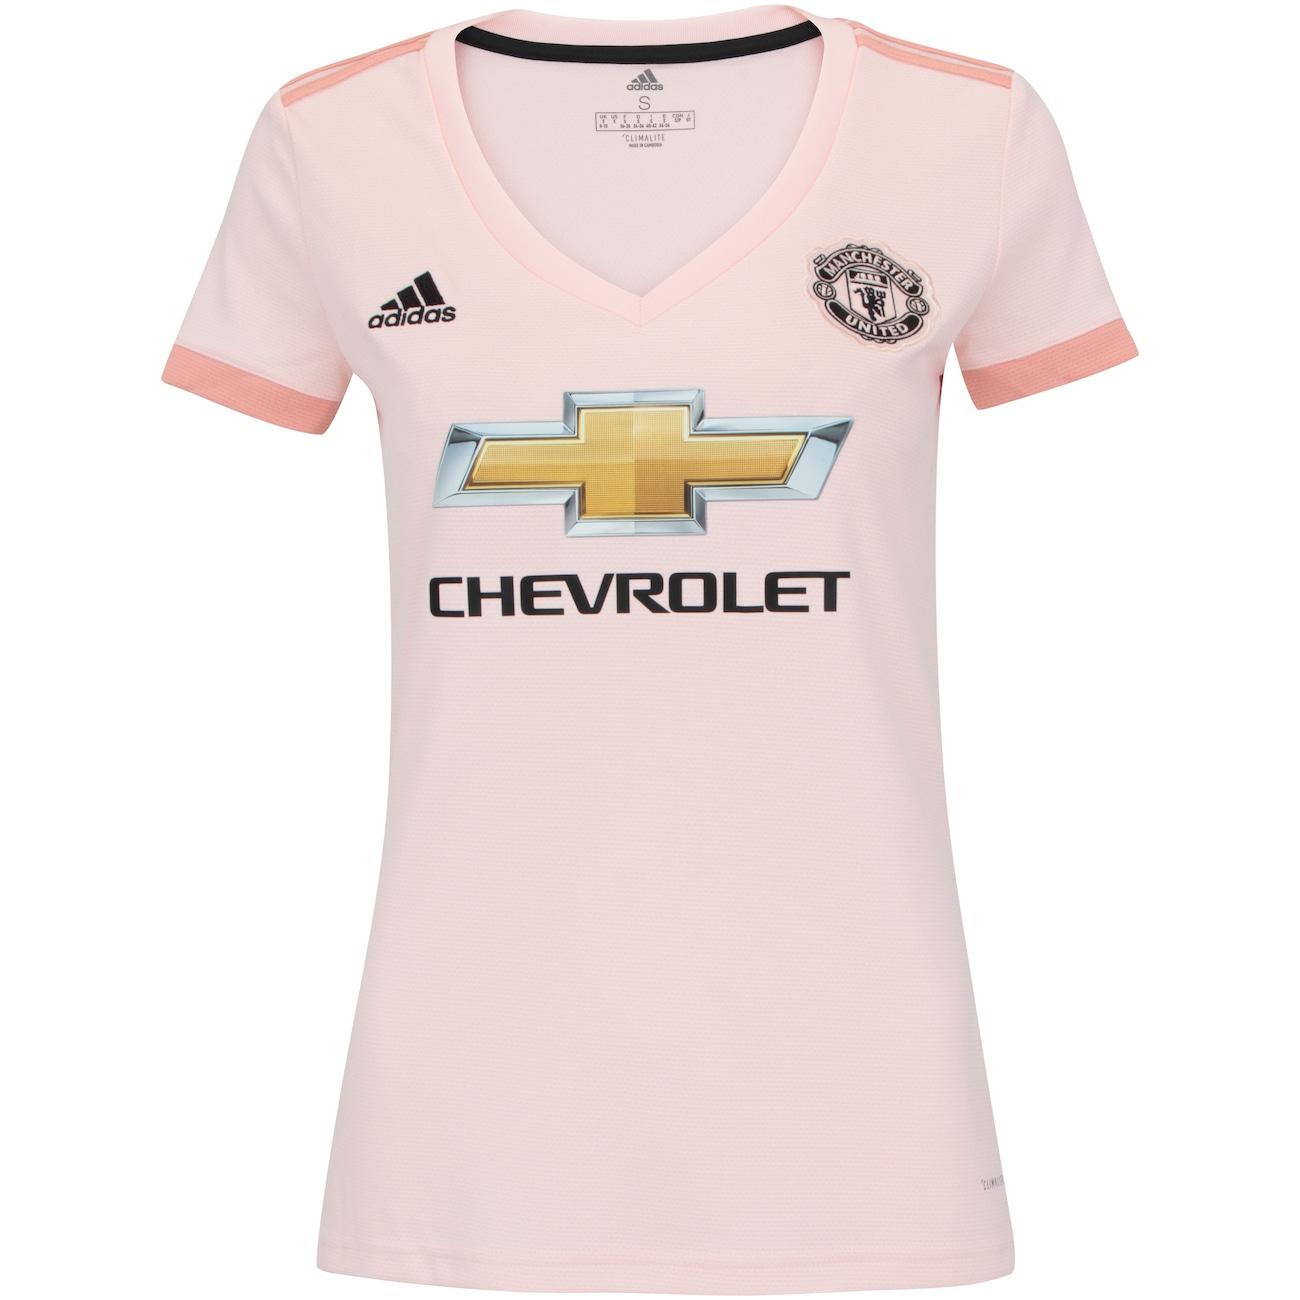 camisa manchester united ii 18 19 adidas feminina centauro camisa manchester united ii 18 19